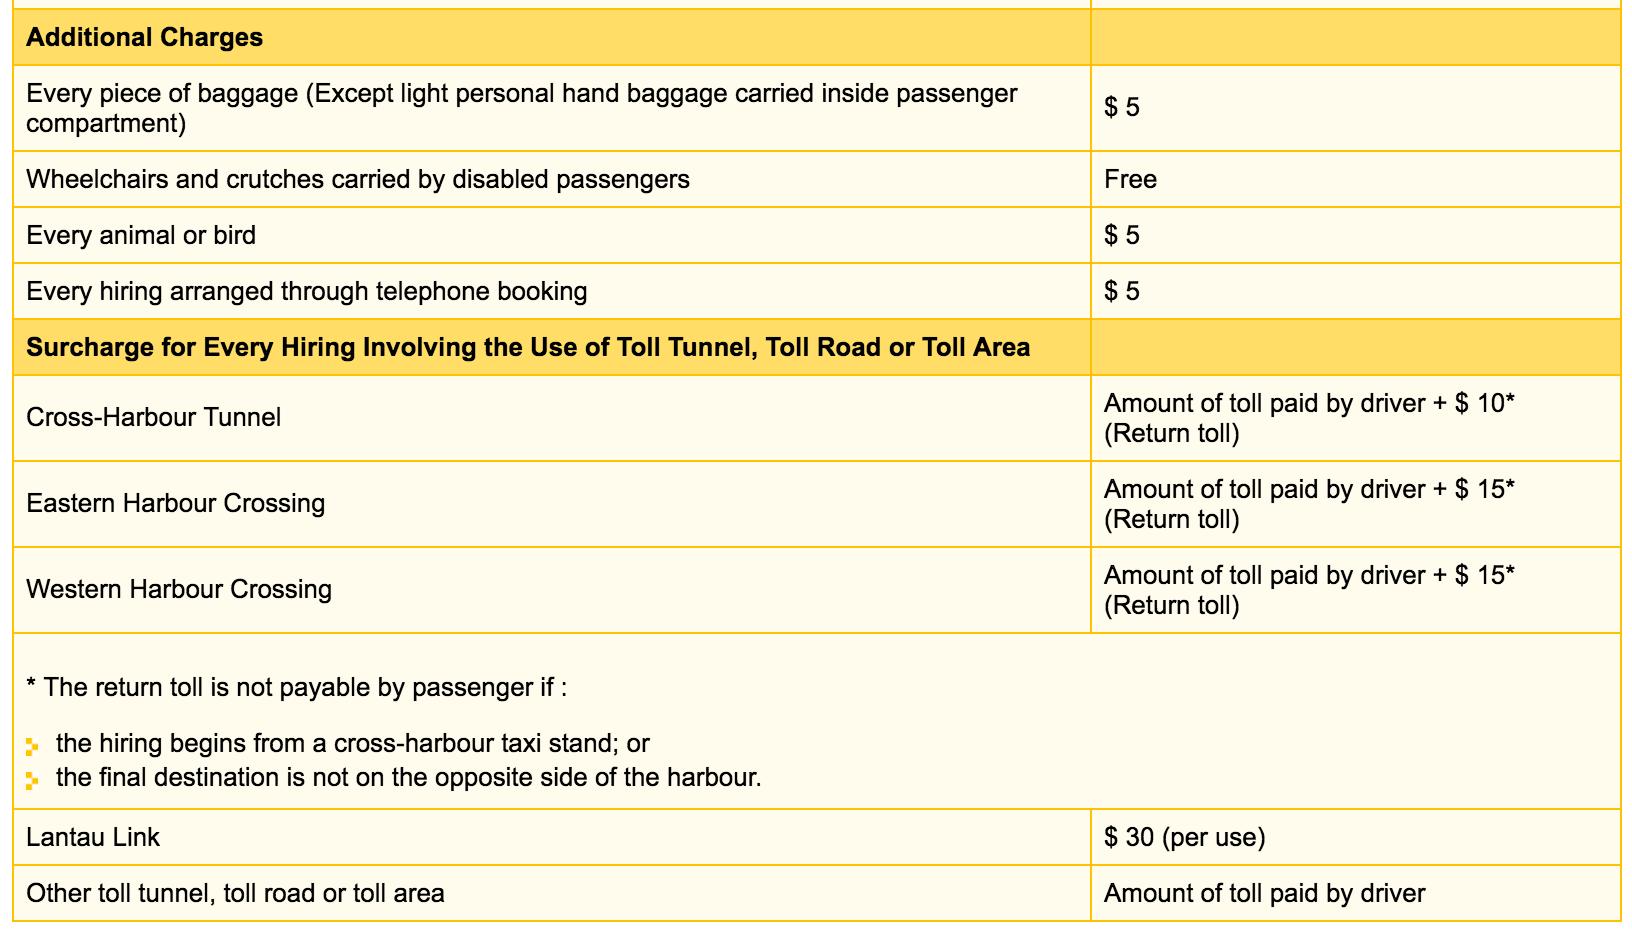 {Сайт гонконгского такси.}(http://www.td.gov.hk/en/transport_in_hong_kong/public_transport/taxi/taxi_fare_of_hong_kong/) Пассажиры платят дополнительные сборы за проезд по тоннелям и провоз багажа